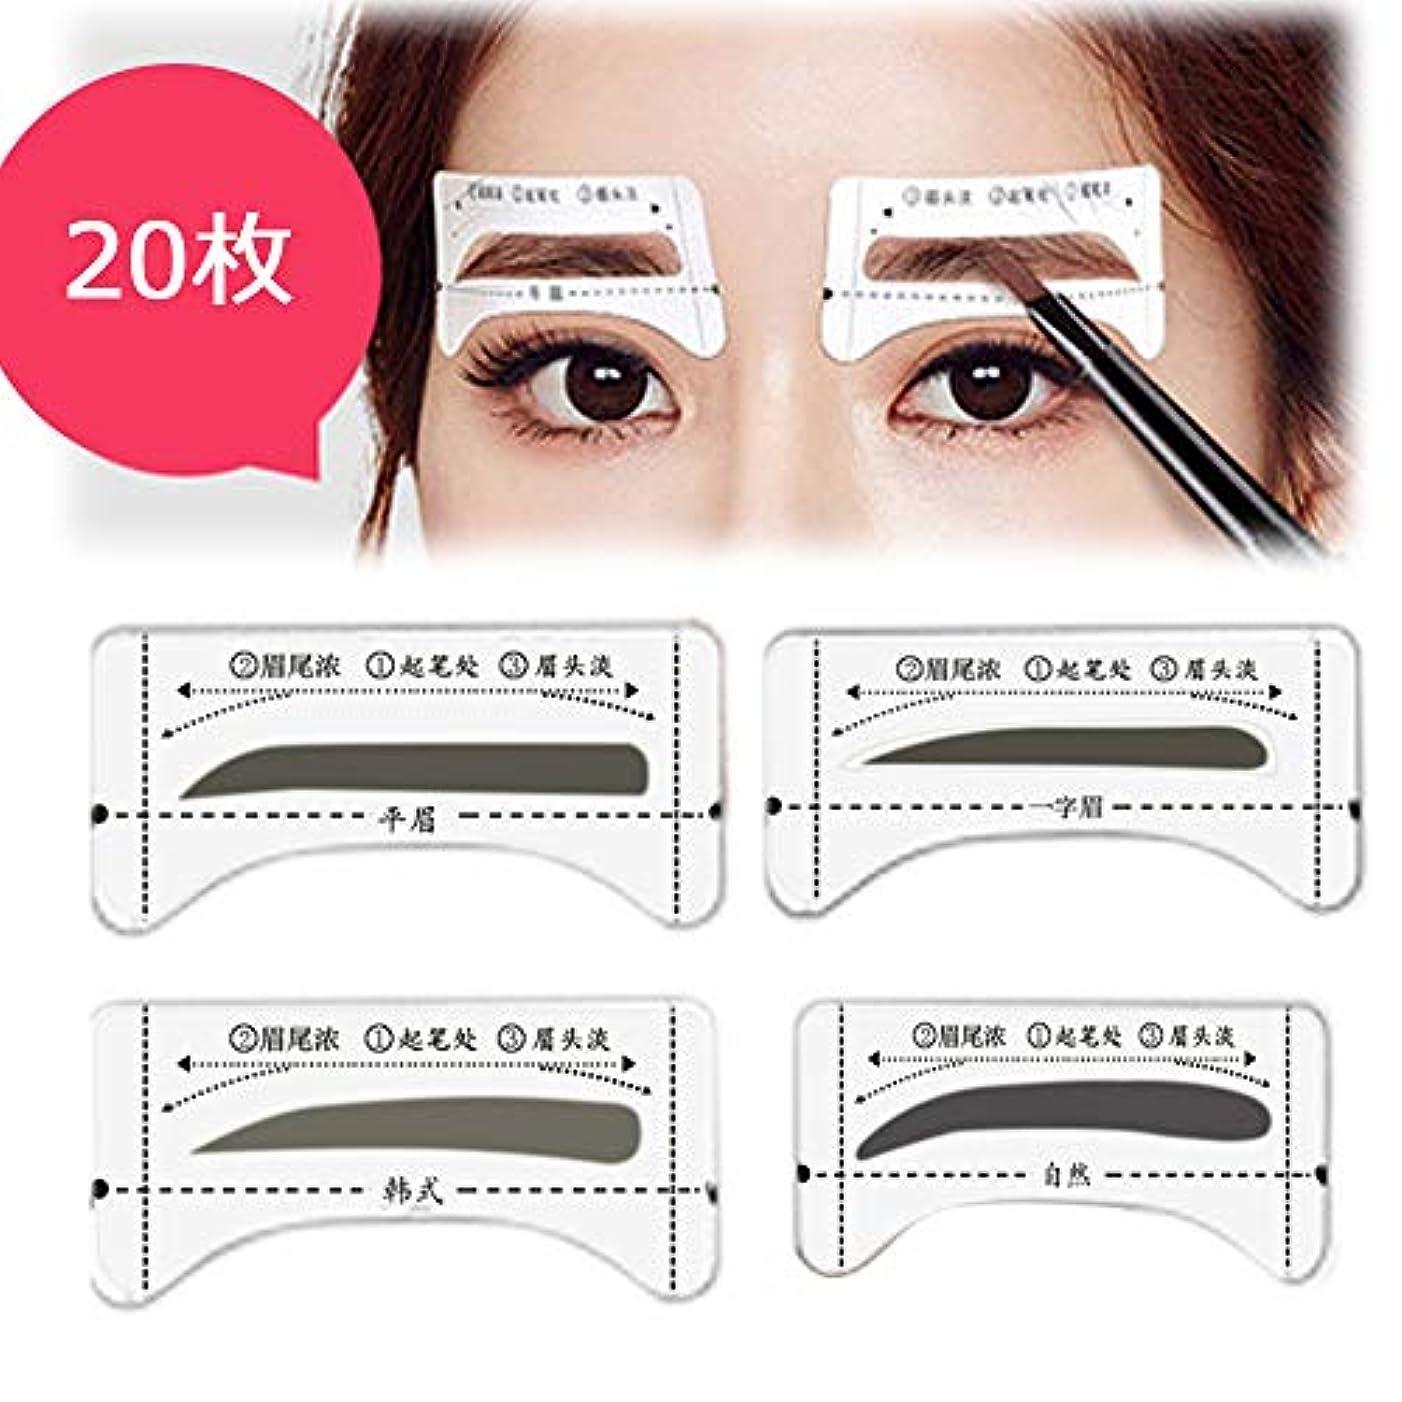 乳製品のぞき穴ポゴスティックジャンプ眉テンプレート 眉毛 4種20枚(韓国風、一言眉、自然、平らな眉毛)片手使用する